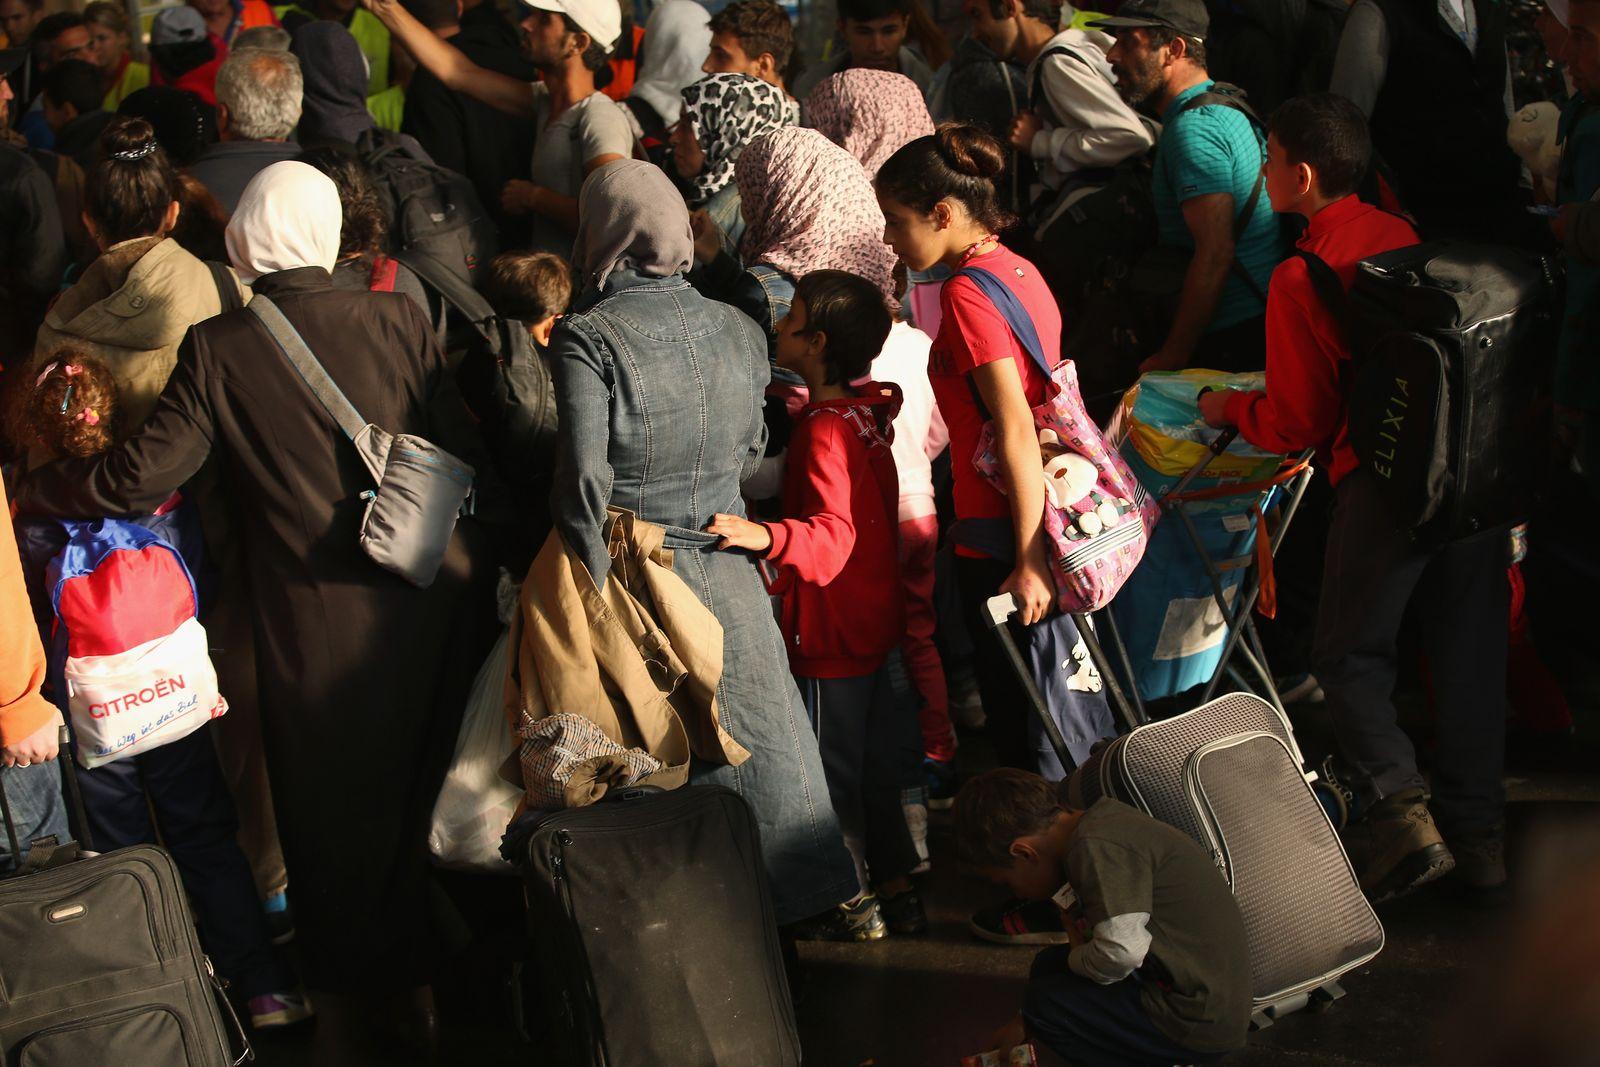 Flüchtlinge/ Bahnhof/ München